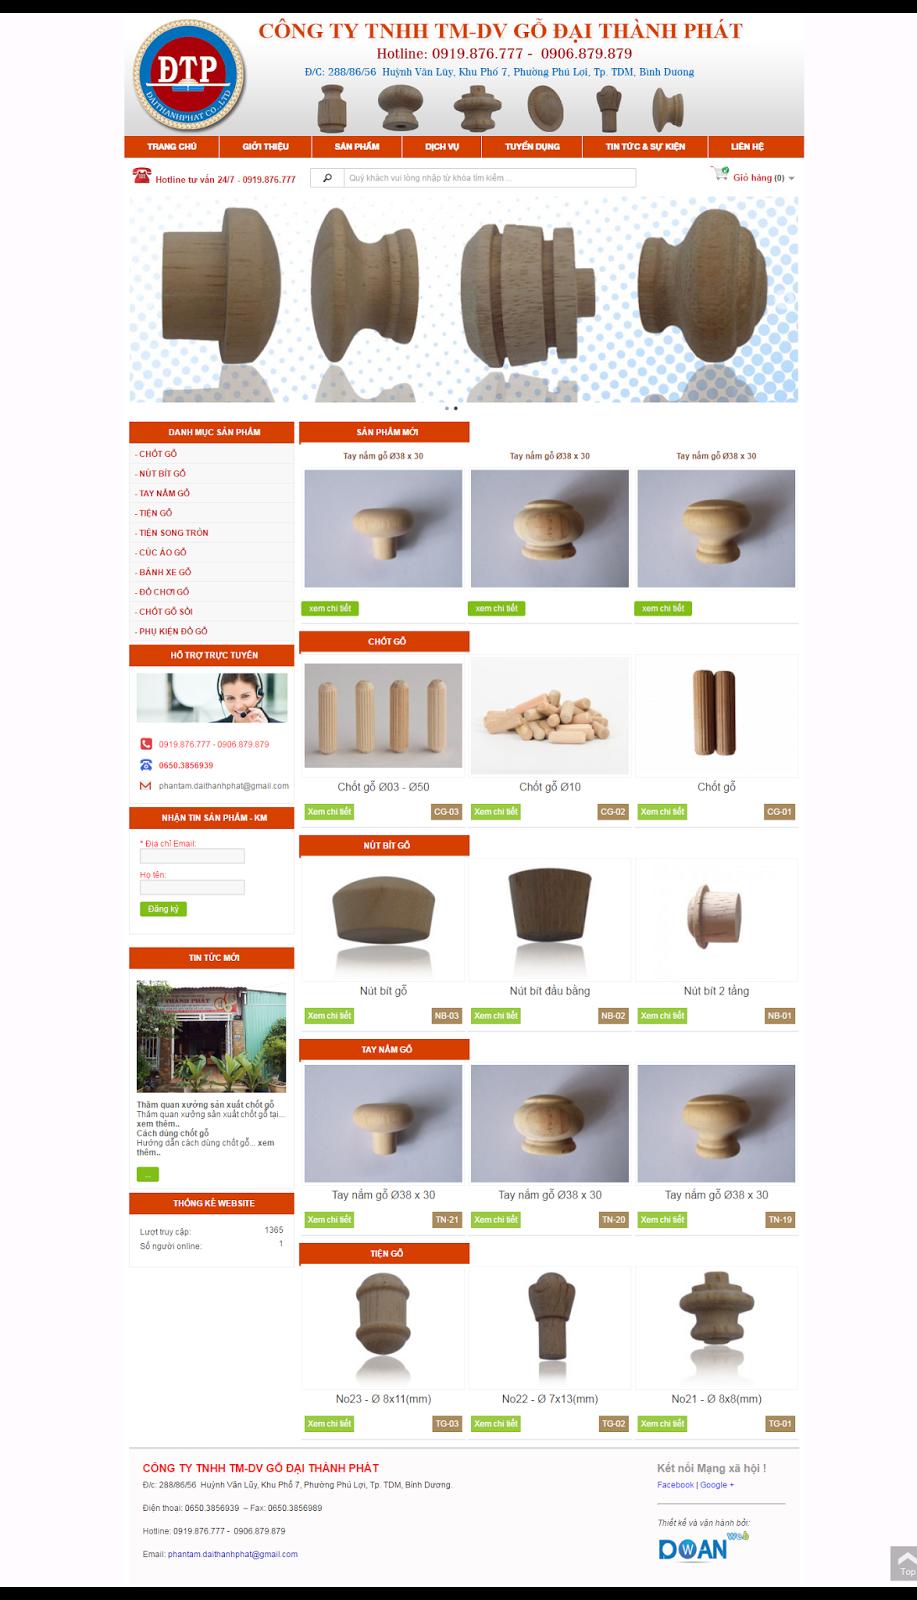 Mẫu web đồ gỗ, nội thất